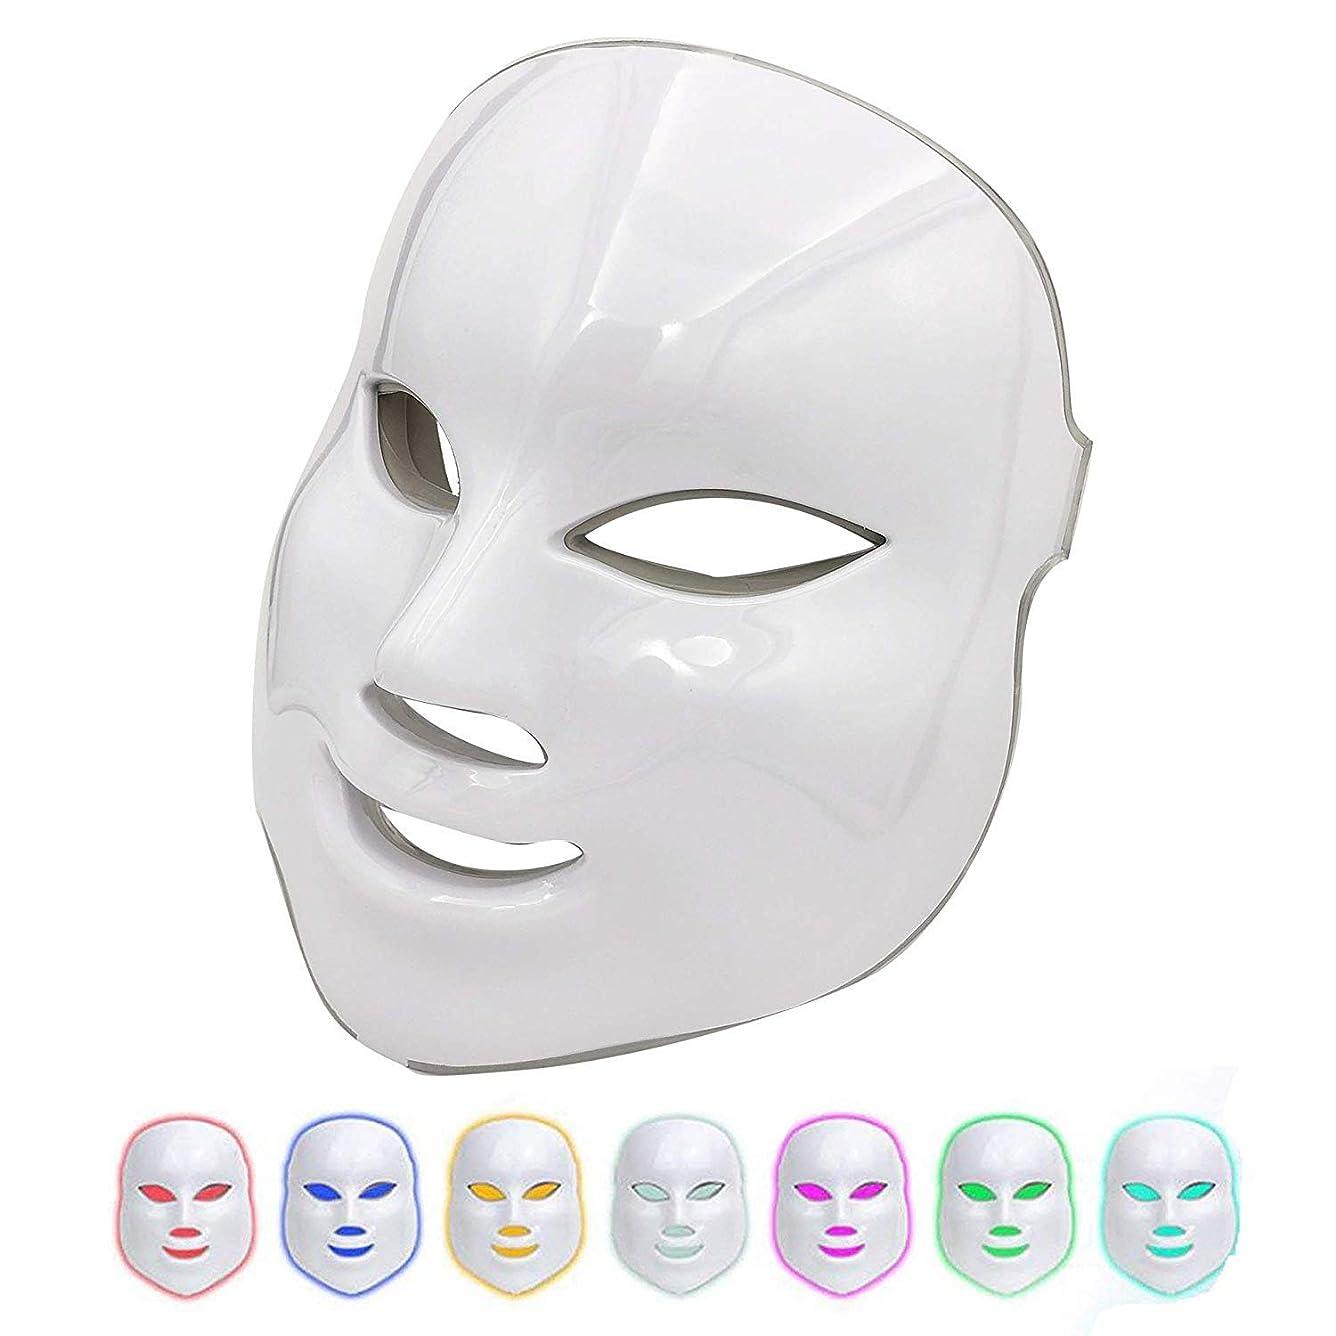 普及航空機欺く美容マスク7色ledライト光子療法にきび跡除去アンチエイジング肌の若返りフェイシャルケアフェイシャルトーンデバイス